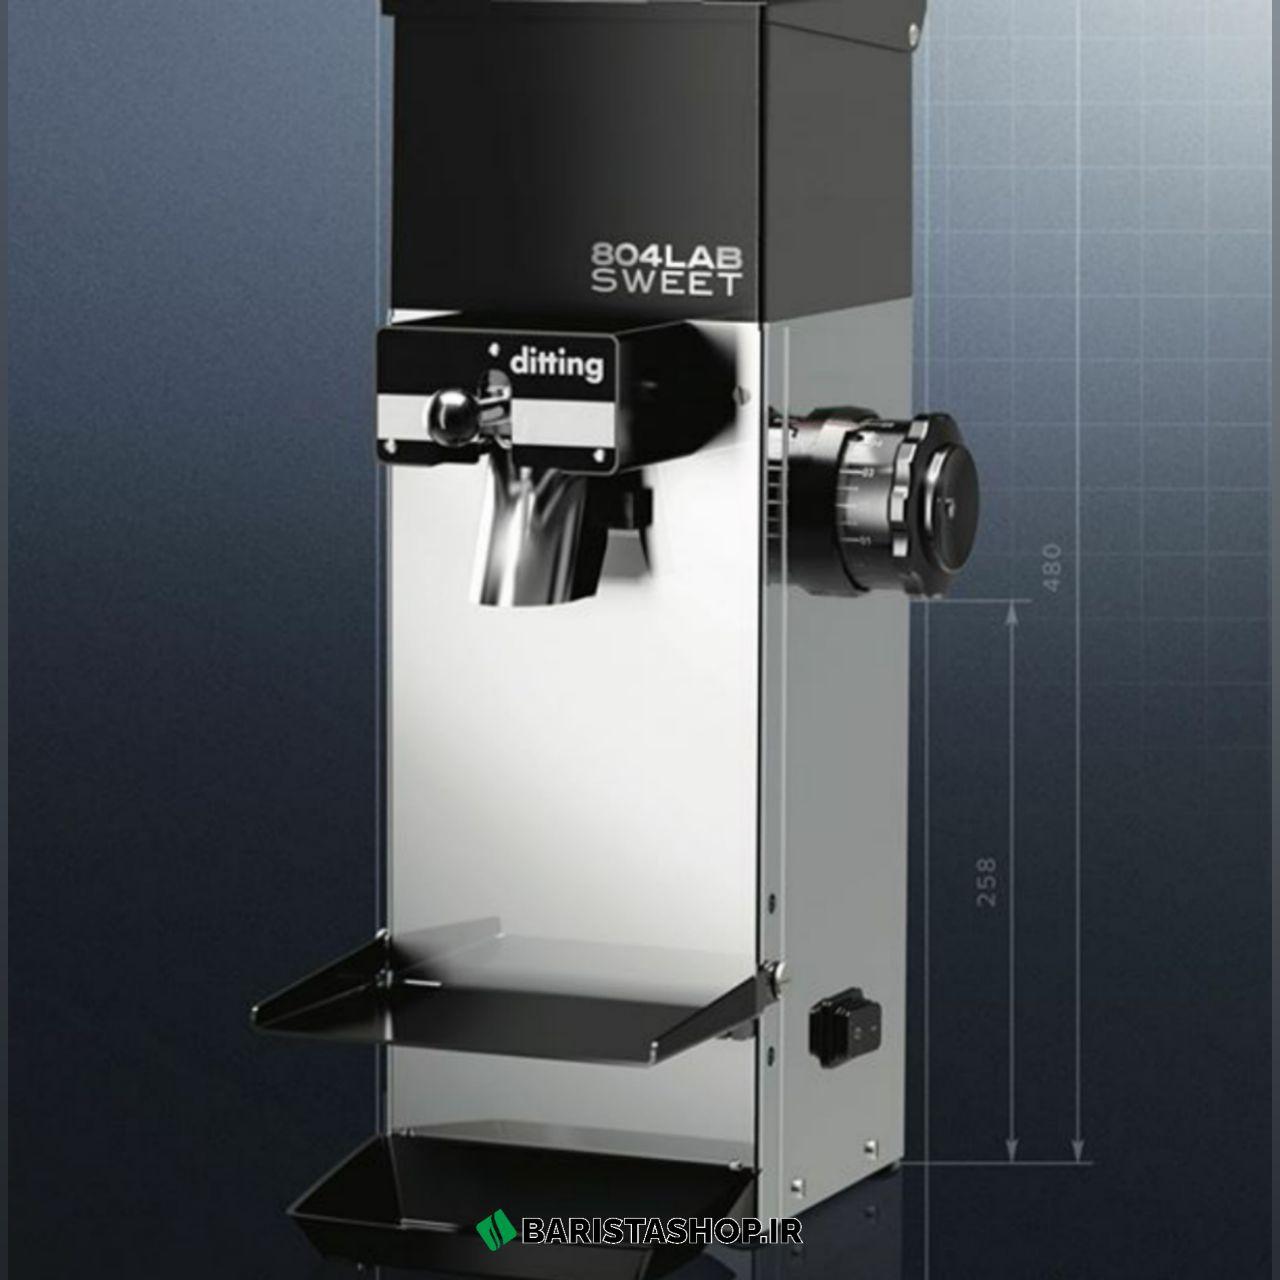 آسیاب K804 Lab Sweet (2)